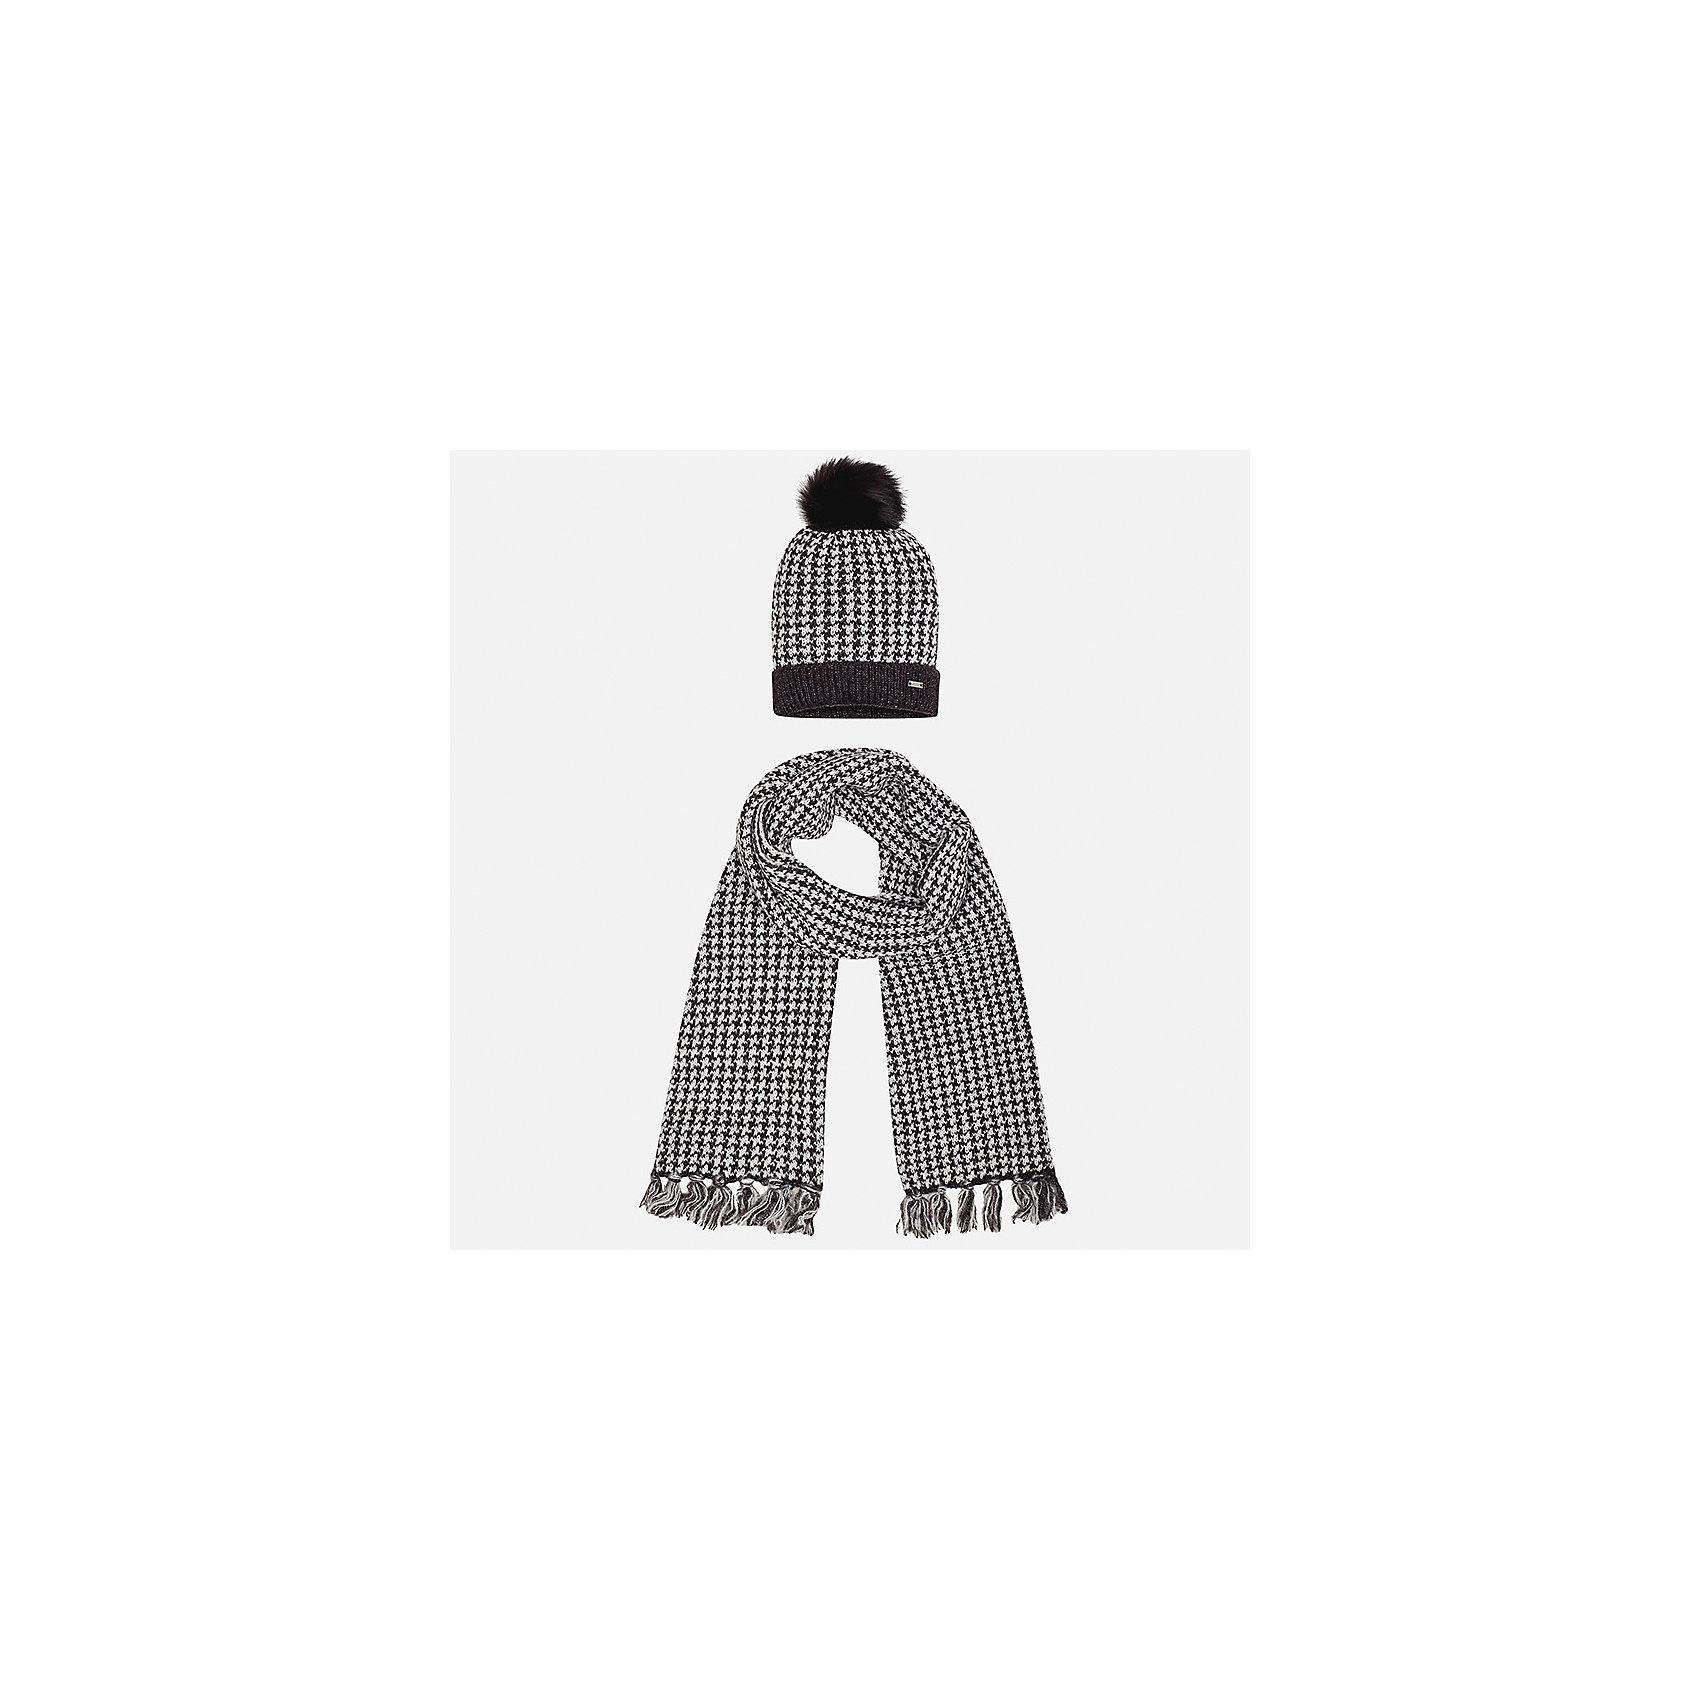 Комплект: шапка и шарф Mayoral для девочкиШарфы, платки<br>Характеристики товара:<br><br>• цвет: черный<br>• состав ткани: 75% акрил, 25% полиамид<br>• сезон: демисезон<br>• комплектация: шапка, шарф<br>• страна бренда: Испания<br>• страна изготовитель: Индия<br><br>Этот стильный черно-белый набор поможет обеспечить ребенку тепло и комфорт. Детский комплект для межсезонья от бренда Майорал смотрится модно и оригинально.<br><br>Детская одежда от испанской компании Mayoral отличаются оригинальным и всегда стильным дизайном. Качество продукции неизменно очень высокое.<br><br>Комплект: шапка и шарф для девочки Mayoral (Майорал) можно купить в нашем интернет-магазине.<br><br>Ширина мм: 89<br>Глубина мм: 117<br>Высота мм: 44<br>Вес г: 155<br>Цвет: черный<br>Возраст от месяцев: 96<br>Возраст до месяцев: 120<br>Пол: Женский<br>Возраст: Детский<br>Размер: 56,52,54<br>SKU: 6925700